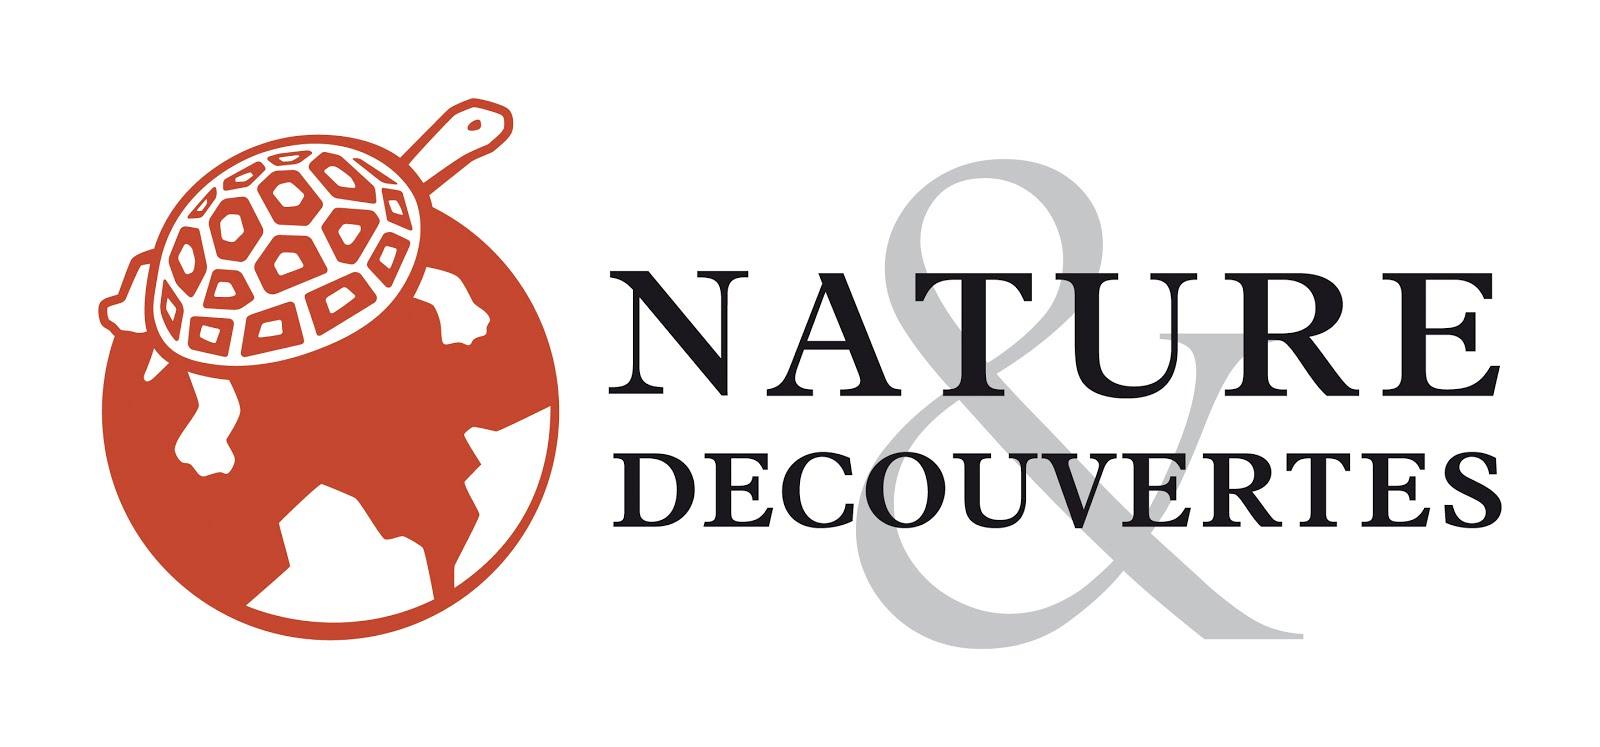 caroline struski praticienne en nutrition sant naturopathe. Black Bedroom Furniture Sets. Home Design Ideas